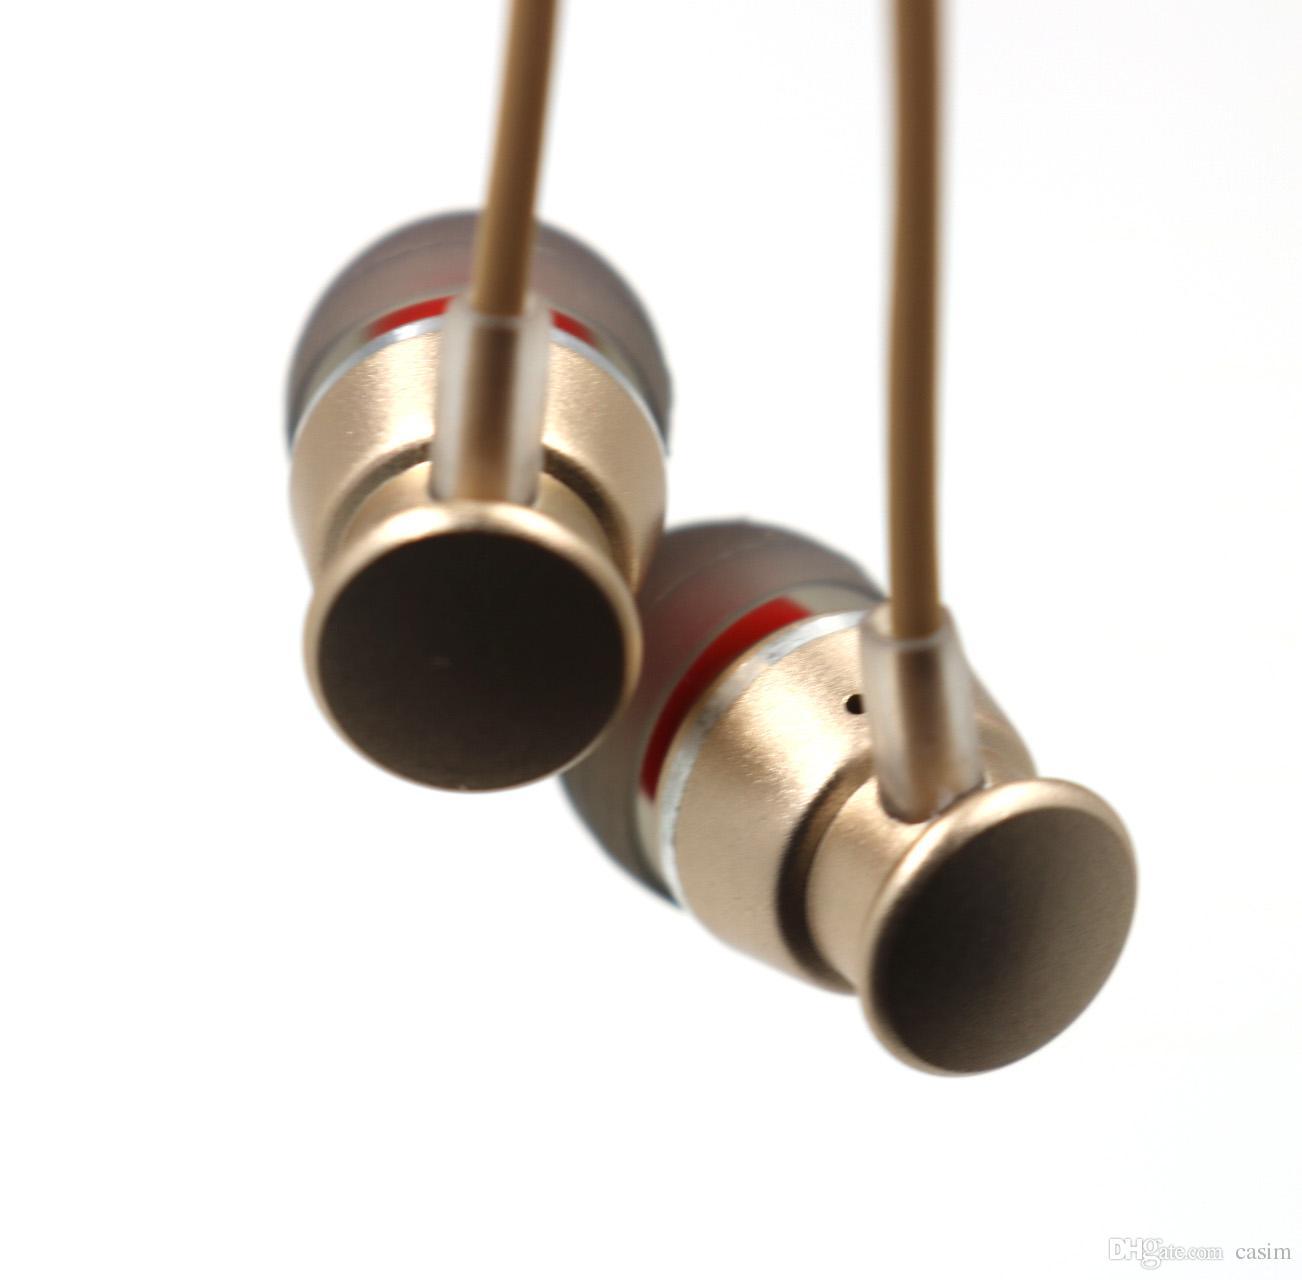 CASIM Kulak Kulaklık Kulaklık 1.25 M 3.5 MM Metal Kulaklık Ağır Bas Gürültü Ile Ses Kulak Eller Serbest Perakende Kutusu Ile Mic